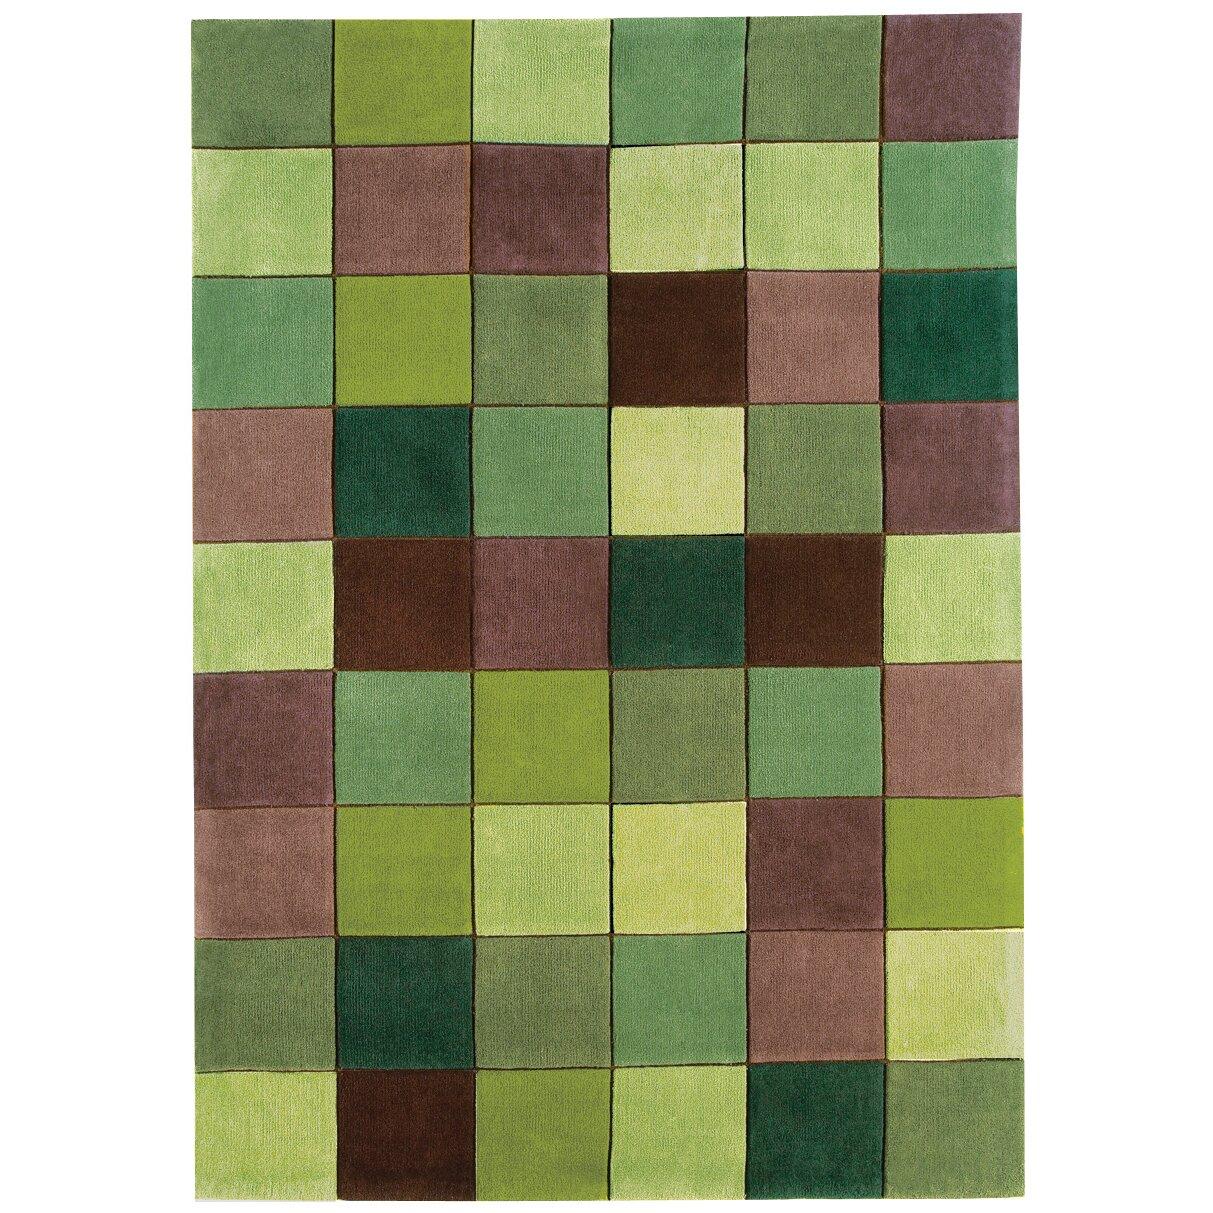 Asiatic Carpets Ltd Handgetufteter Teppich Eden in Grün